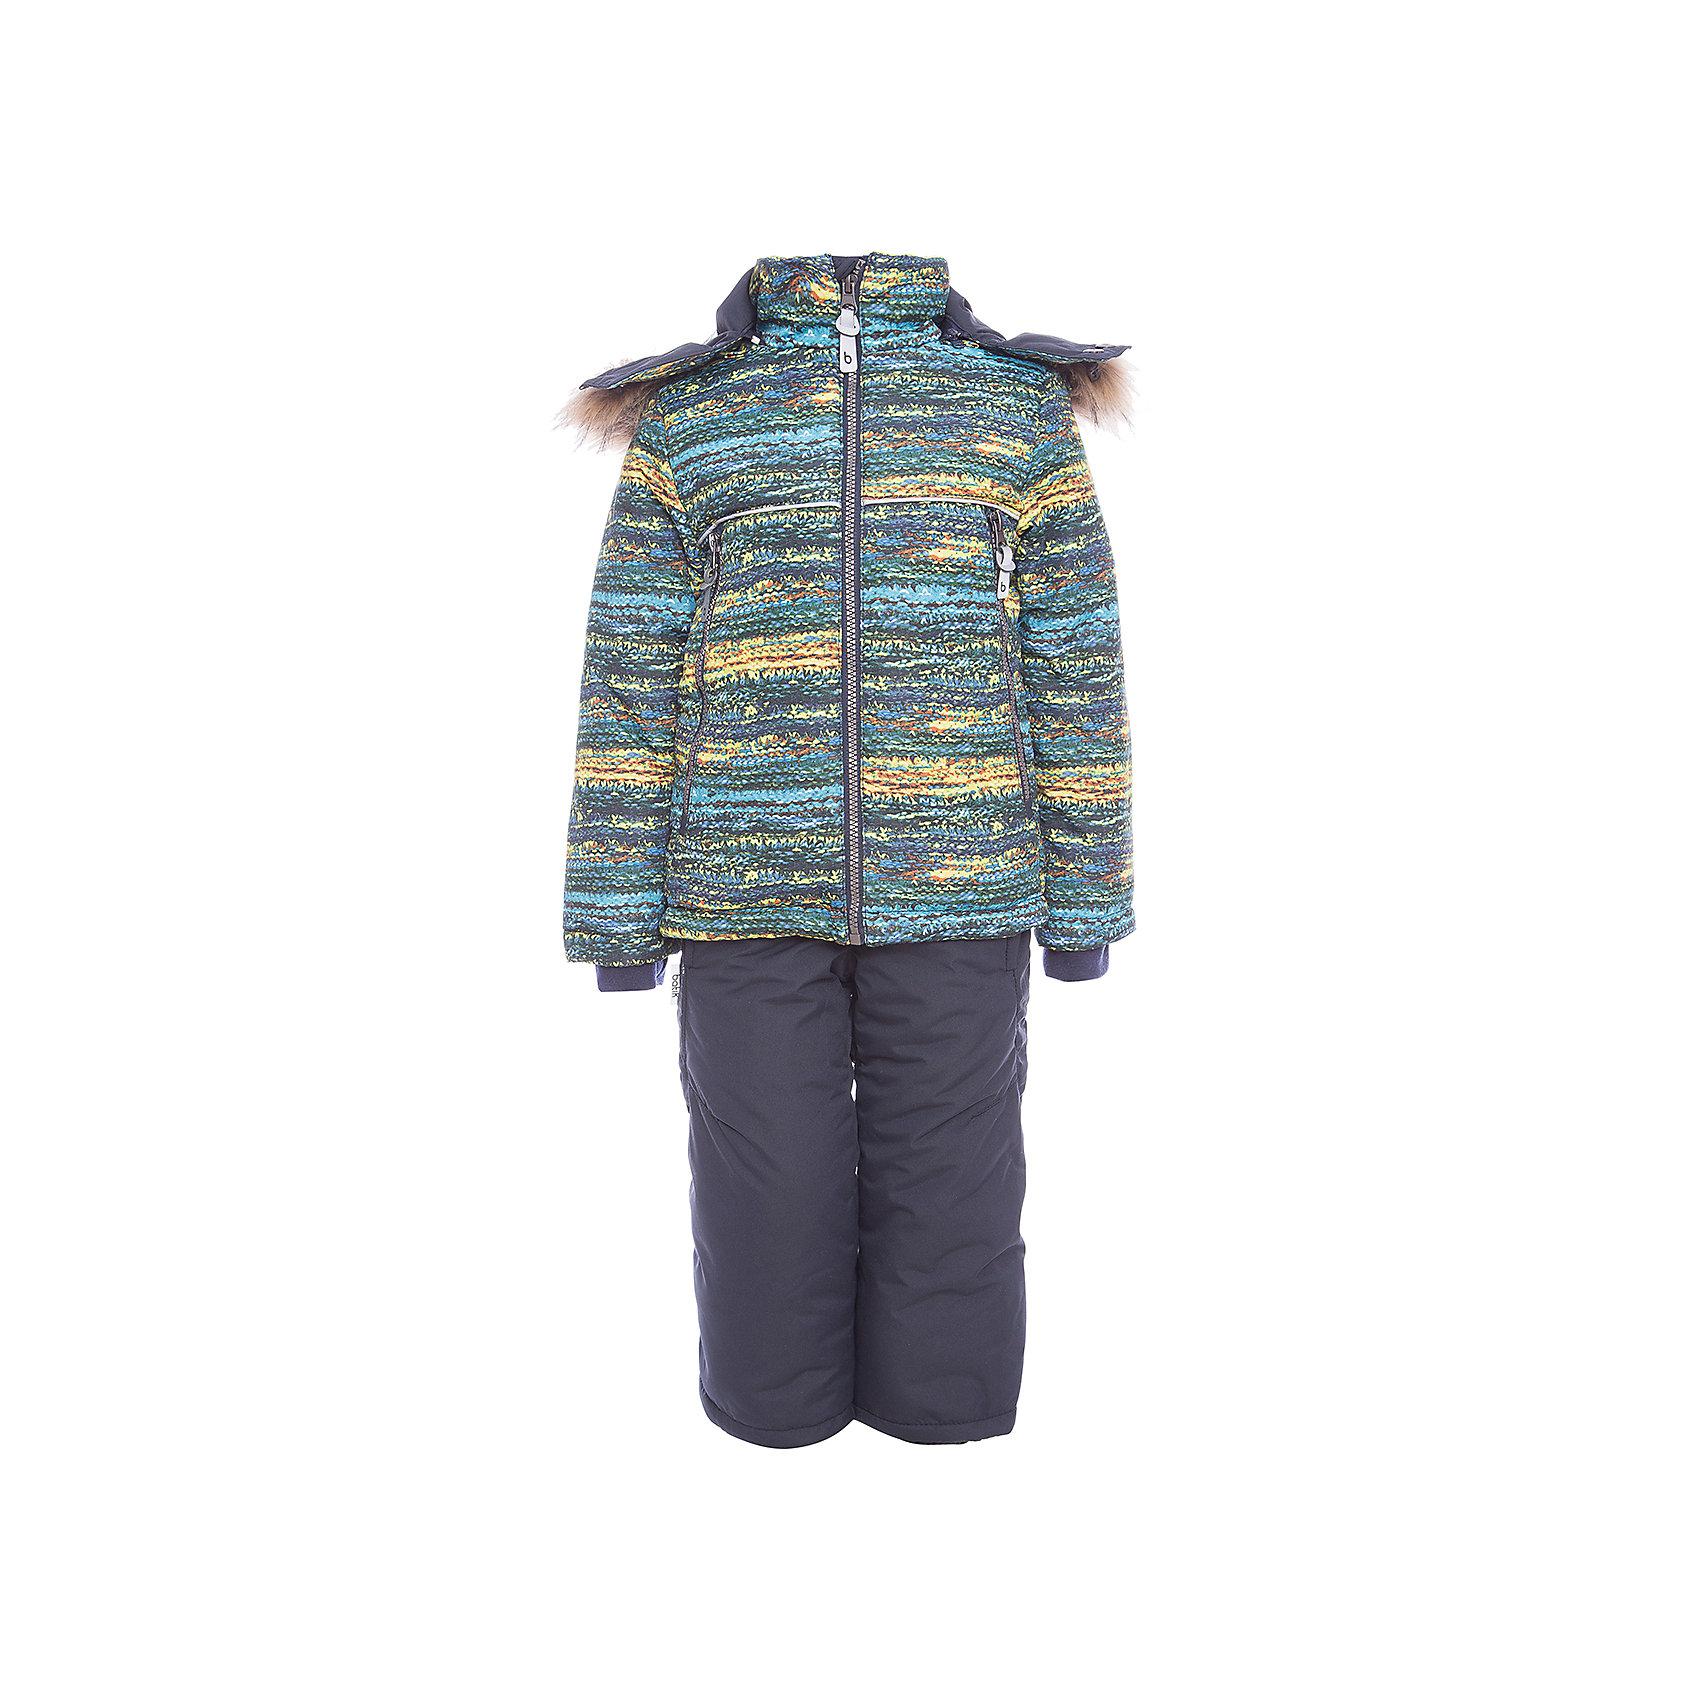 Комплект: куртка и полукомбенизон Алёша Batik для мальчикаВерхняя одежда<br>Характеристики товара:<br><br>• цвет: синий<br>• комплектация: куртка и полукомбинезон <br>• состав ткани: таслан<br>• подкладка: поларфлис<br>• утеплитель: слайтекс<br>• сезон: зима<br>• мембранное покрытие<br>• температурный режим: от -35 до 0<br>• водонепроницаемость: 5000 мм <br>• паропроницаемость: 5000 г/м2<br>• плотность утеплителя: куртка - 350 г/м2, полукомбинезон - 200 г/м2<br>• застежка: молния<br>• капюшон: с мехом, отстегивается<br>• силиконовые штрипки<br>• встроенный термодатчик<br>• страна бренда: Россия<br>• страна изготовитель: Россия<br><br>Прочное мембранное покрытие детского комплекта надежно защищает от холода и влаги. Подкладка комплекта для мальчика мягкая и теплая. Мембранный зимний комплект дополнен капюшоном, карманами и удобной молнией. Такой зимний комплект для мальчика декорирован оригинальным принтом. <br><br>Комплект: куртка и полукомбинезон Алёша Batik (Батик) для мальчика можно купить в нашем интернет-магазине.<br><br>Ширина мм: 356<br>Глубина мм: 10<br>Высота мм: 245<br>Вес г: 519<br>Цвет: синий<br>Возраст от месяцев: 60<br>Возраст до месяцев: 72<br>Пол: Мужской<br>Возраст: Детский<br>Размер: 116,92,98,104,110<br>SKU: 7028299